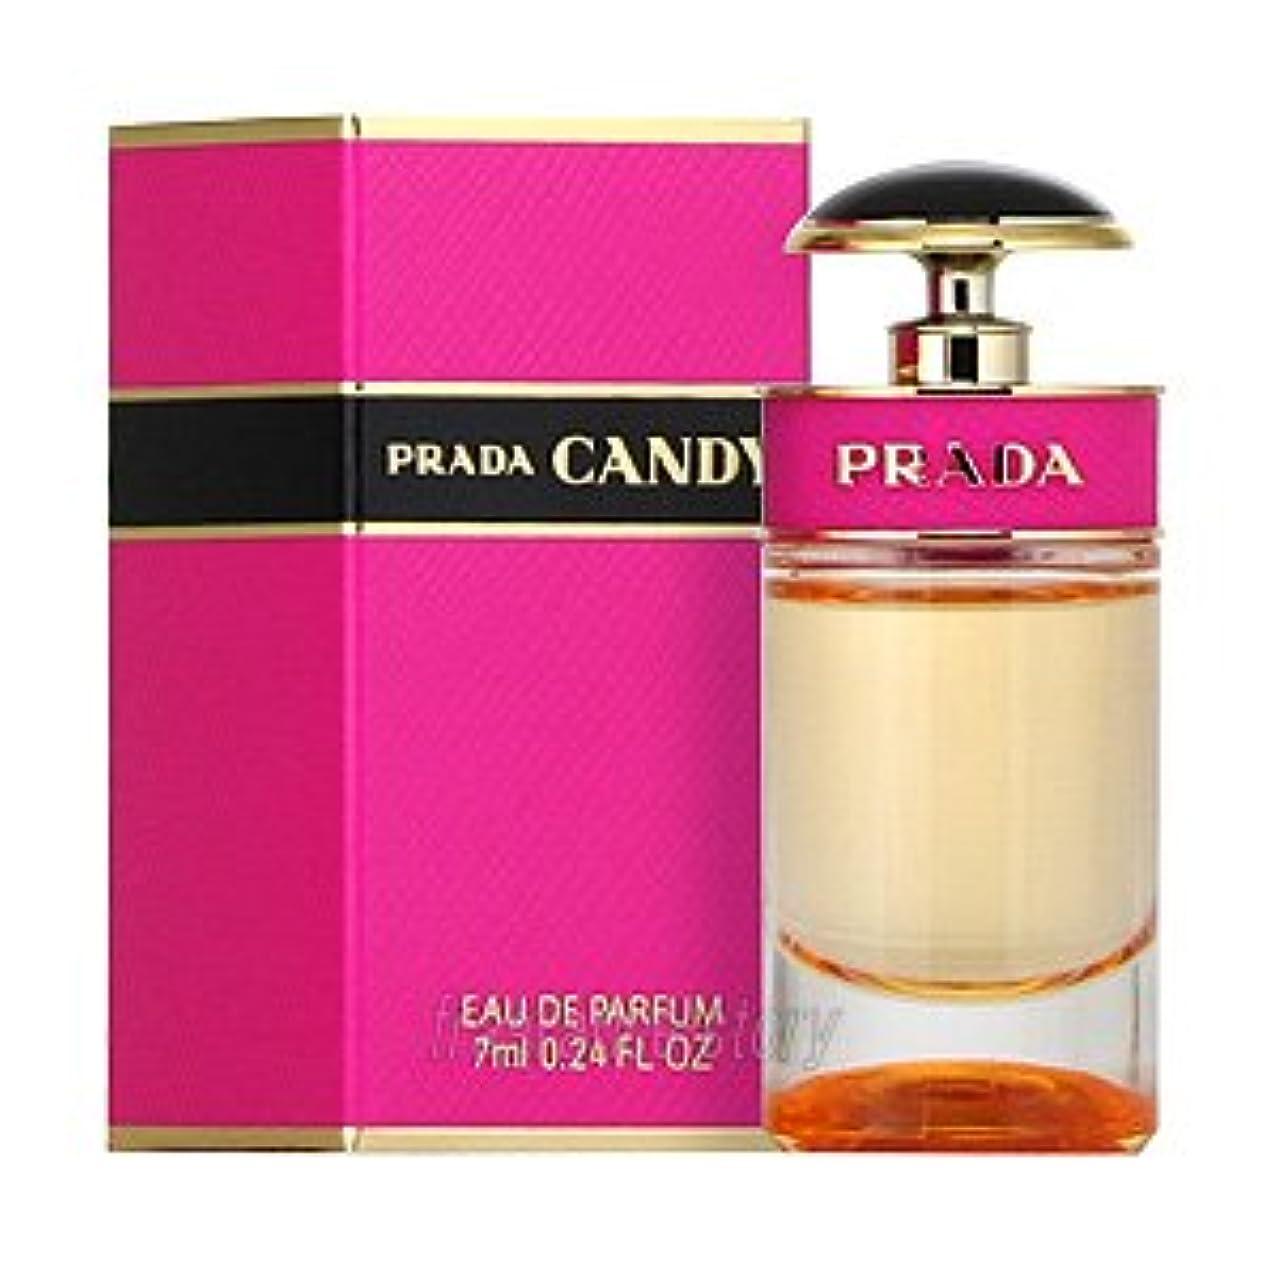 日常的に笑ネコプラダ PRADA キャンディ オードパルファム 7ml EDP ミニ香水 ミニチュア fs